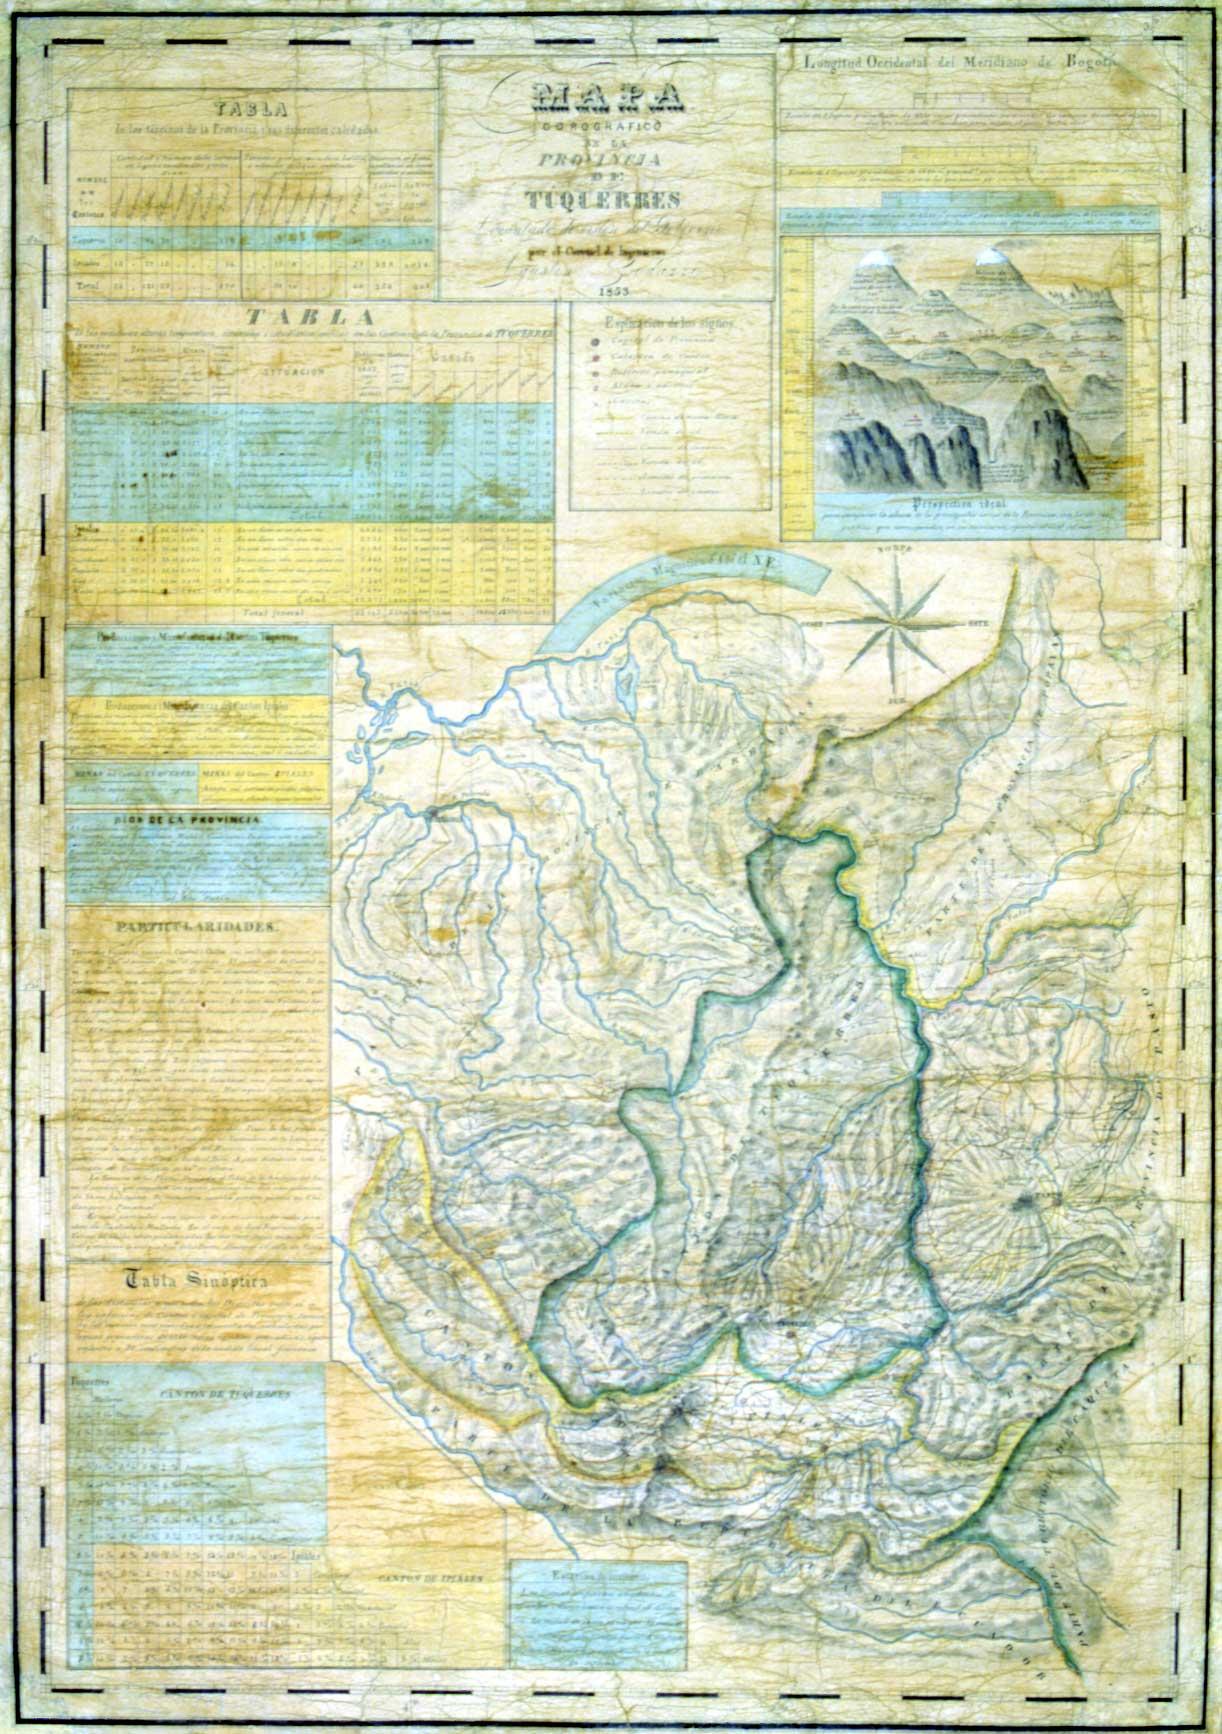 Mapa de la provincia de Tuquerrez, Agustin Codazzi 1853